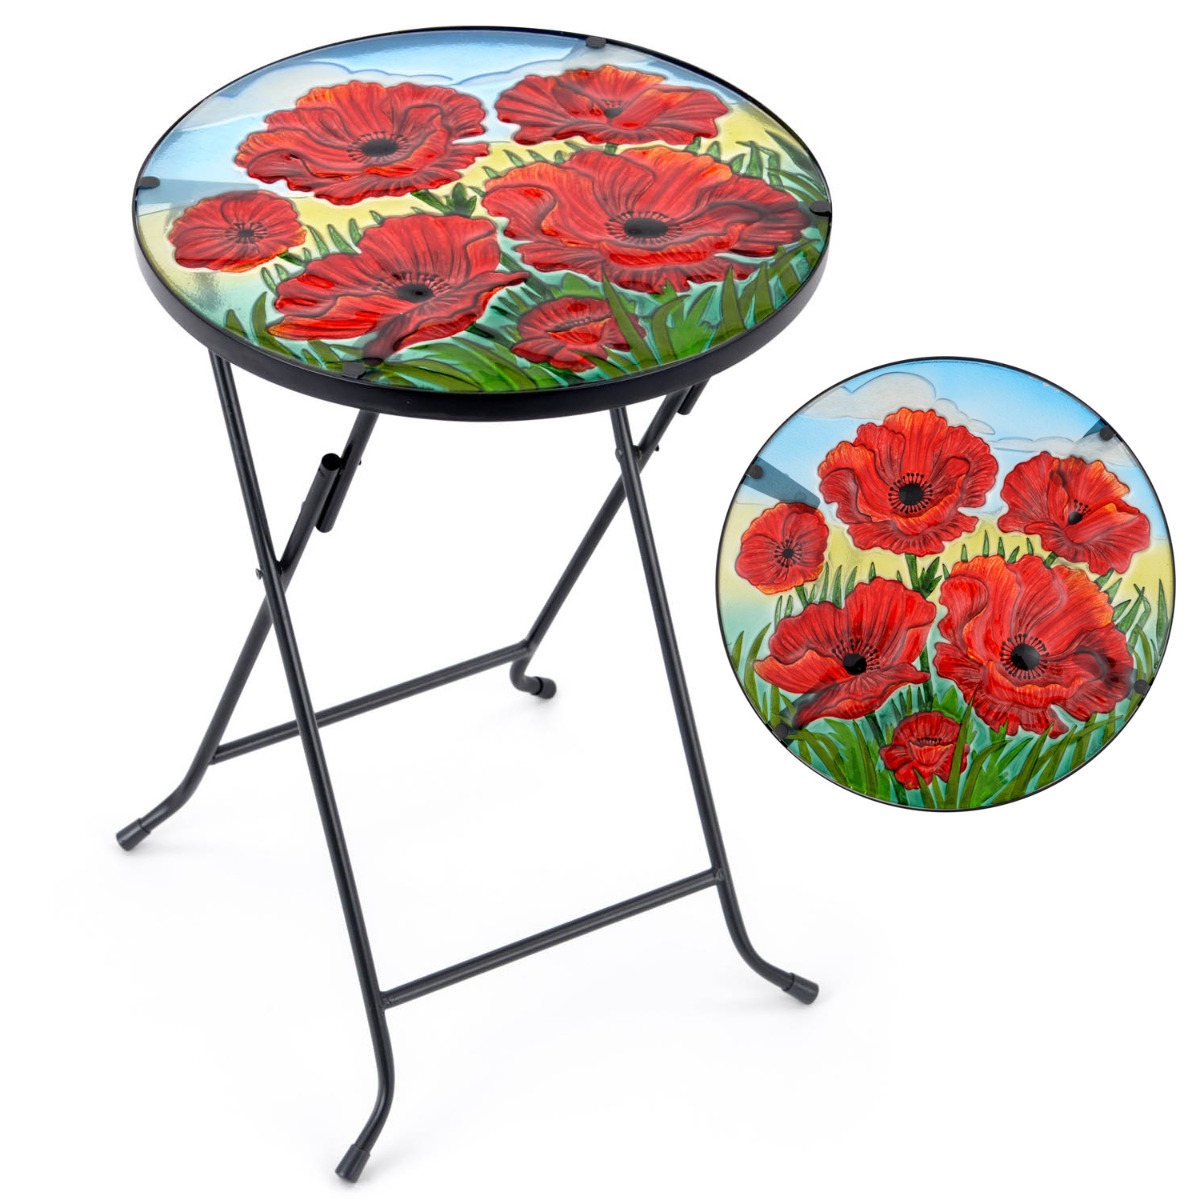 Image of Glass Poppy Garden Table